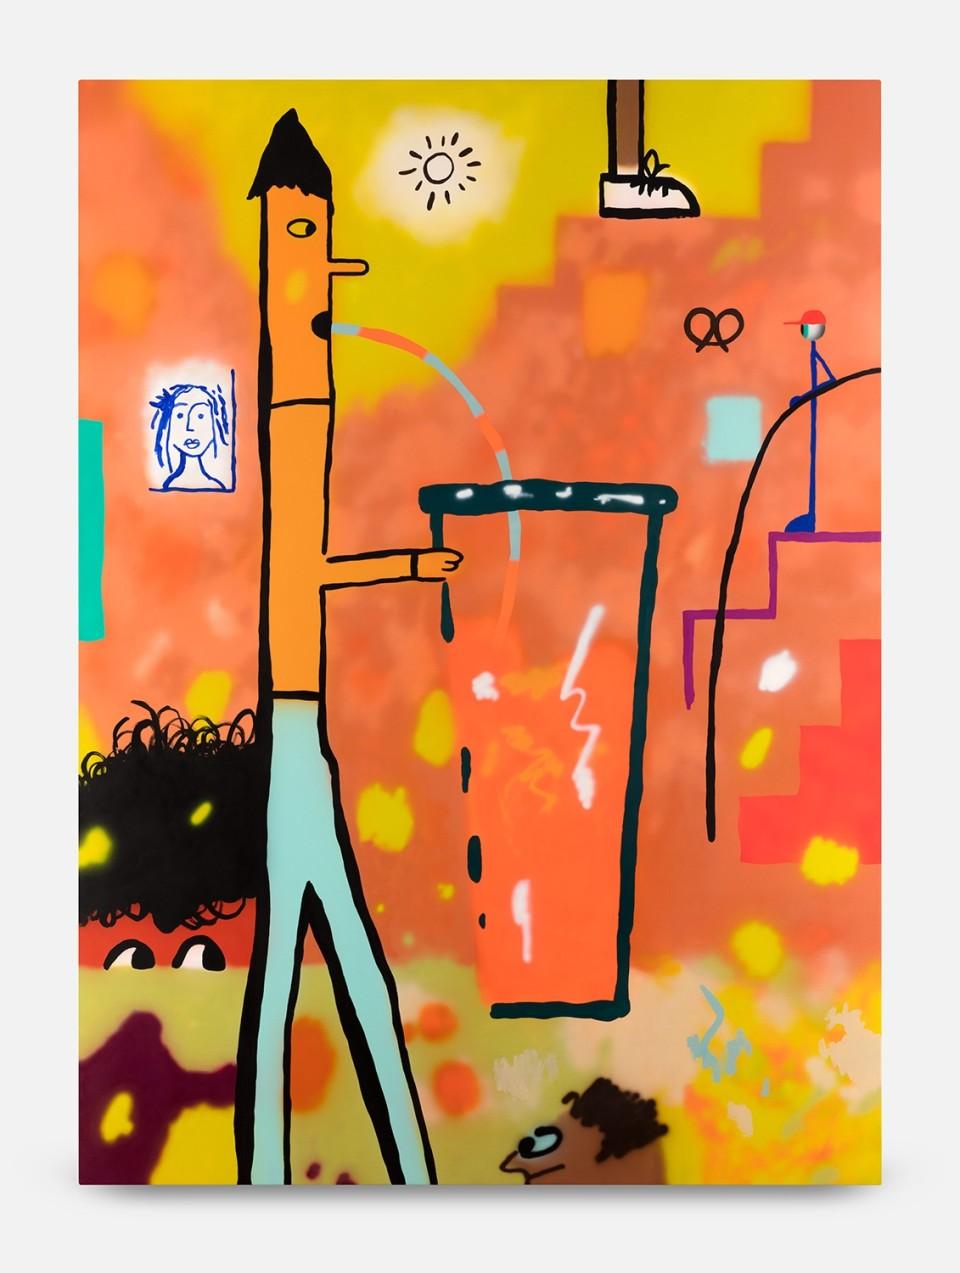 Image: Joshua Nathanson  Juice, 2016  acrylic on canvas  74 x 54 x 1-1/2 inches